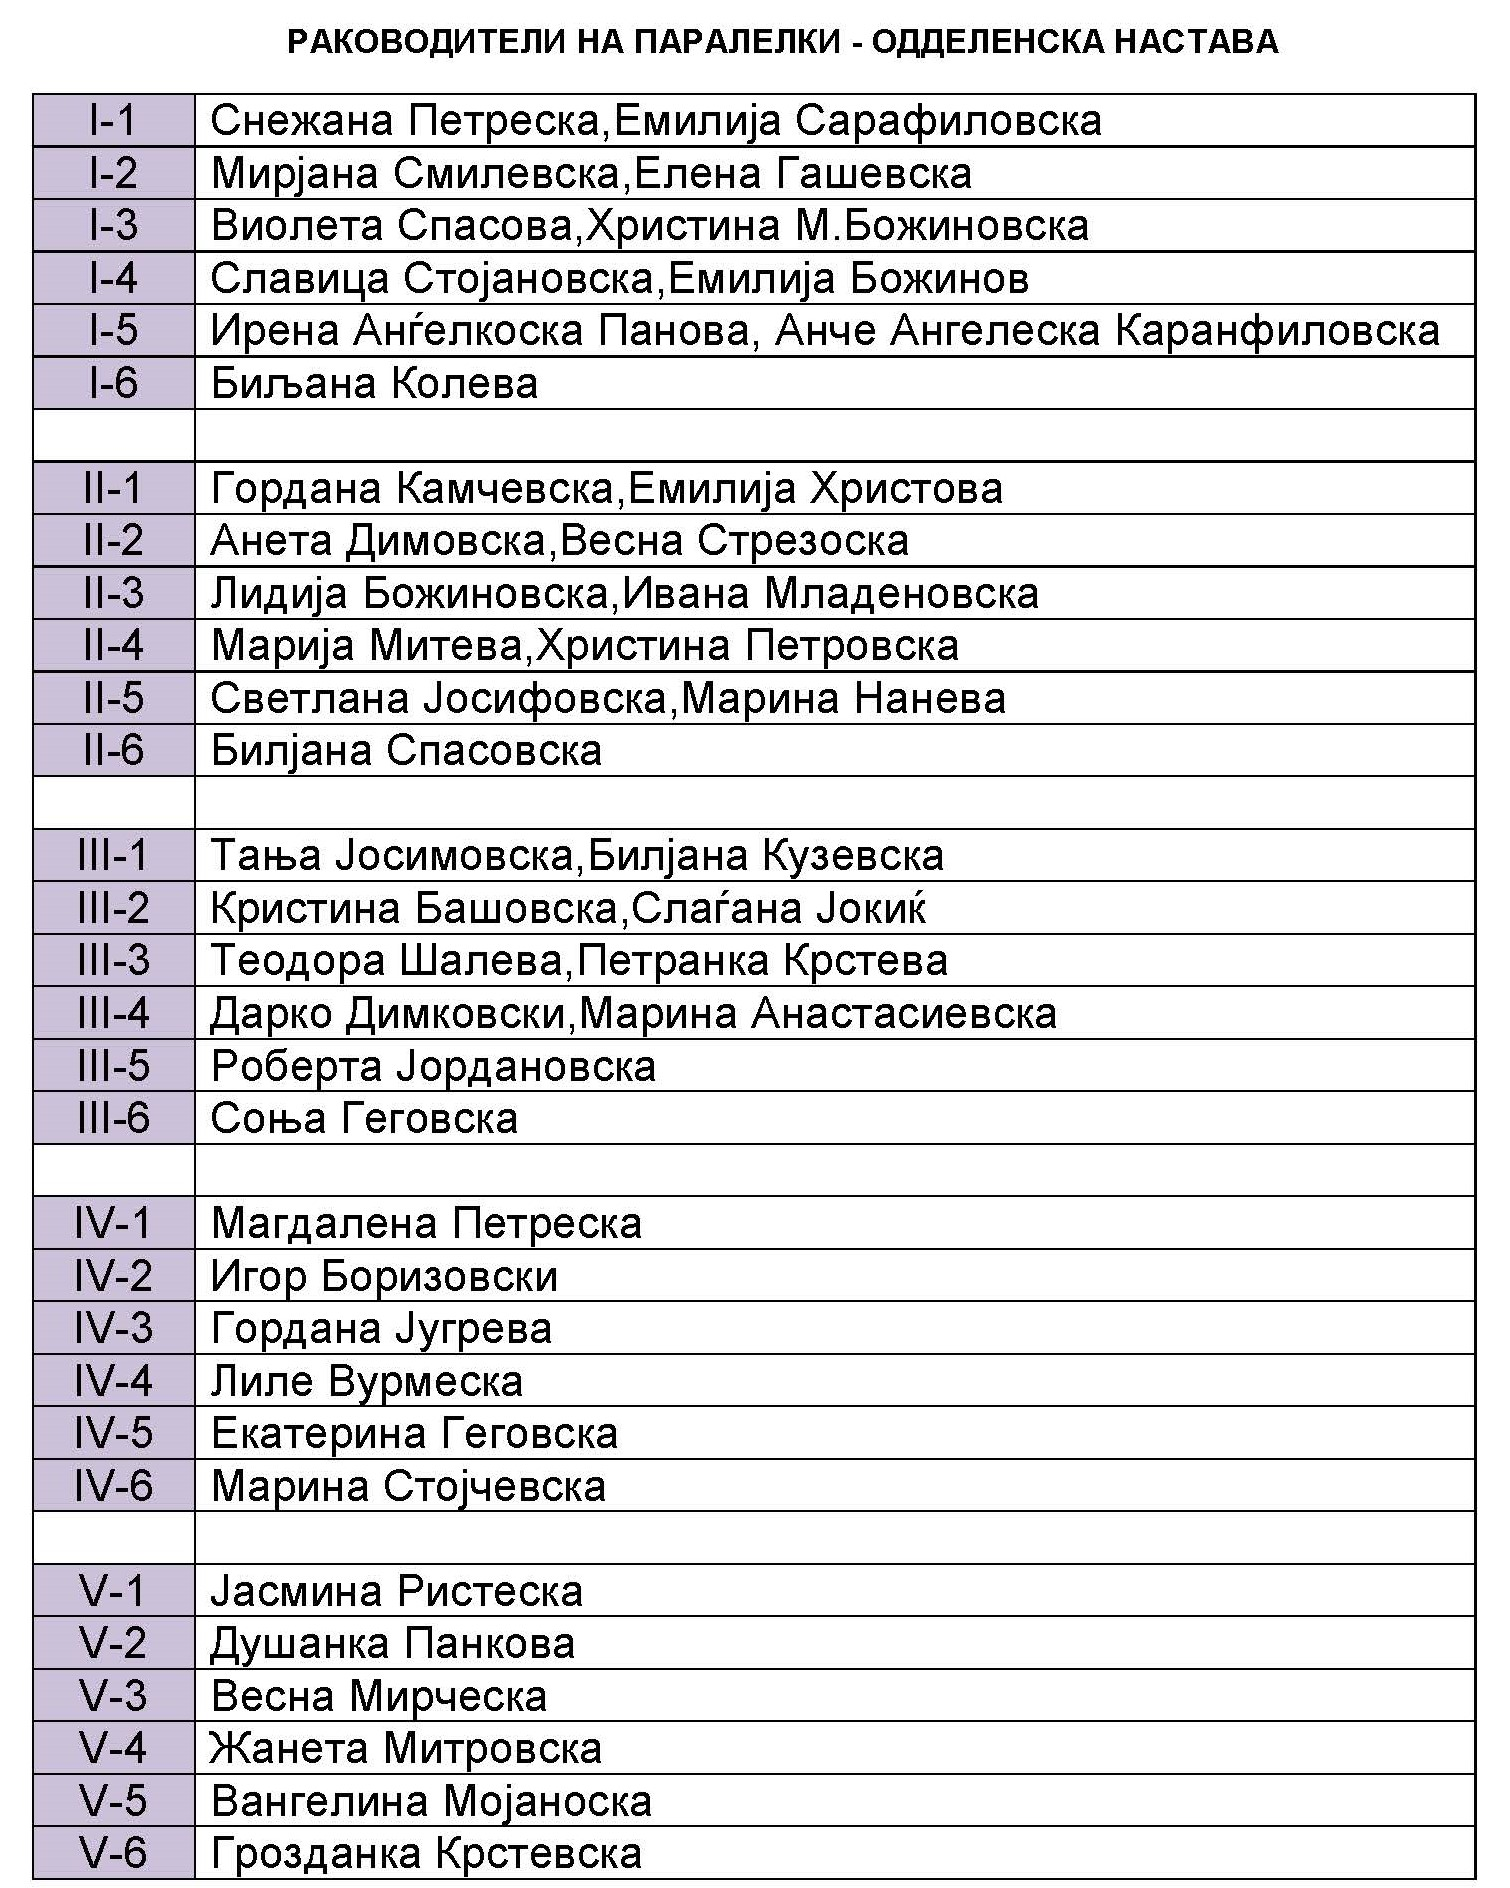 одделенски раководители 2019-20_Page_1